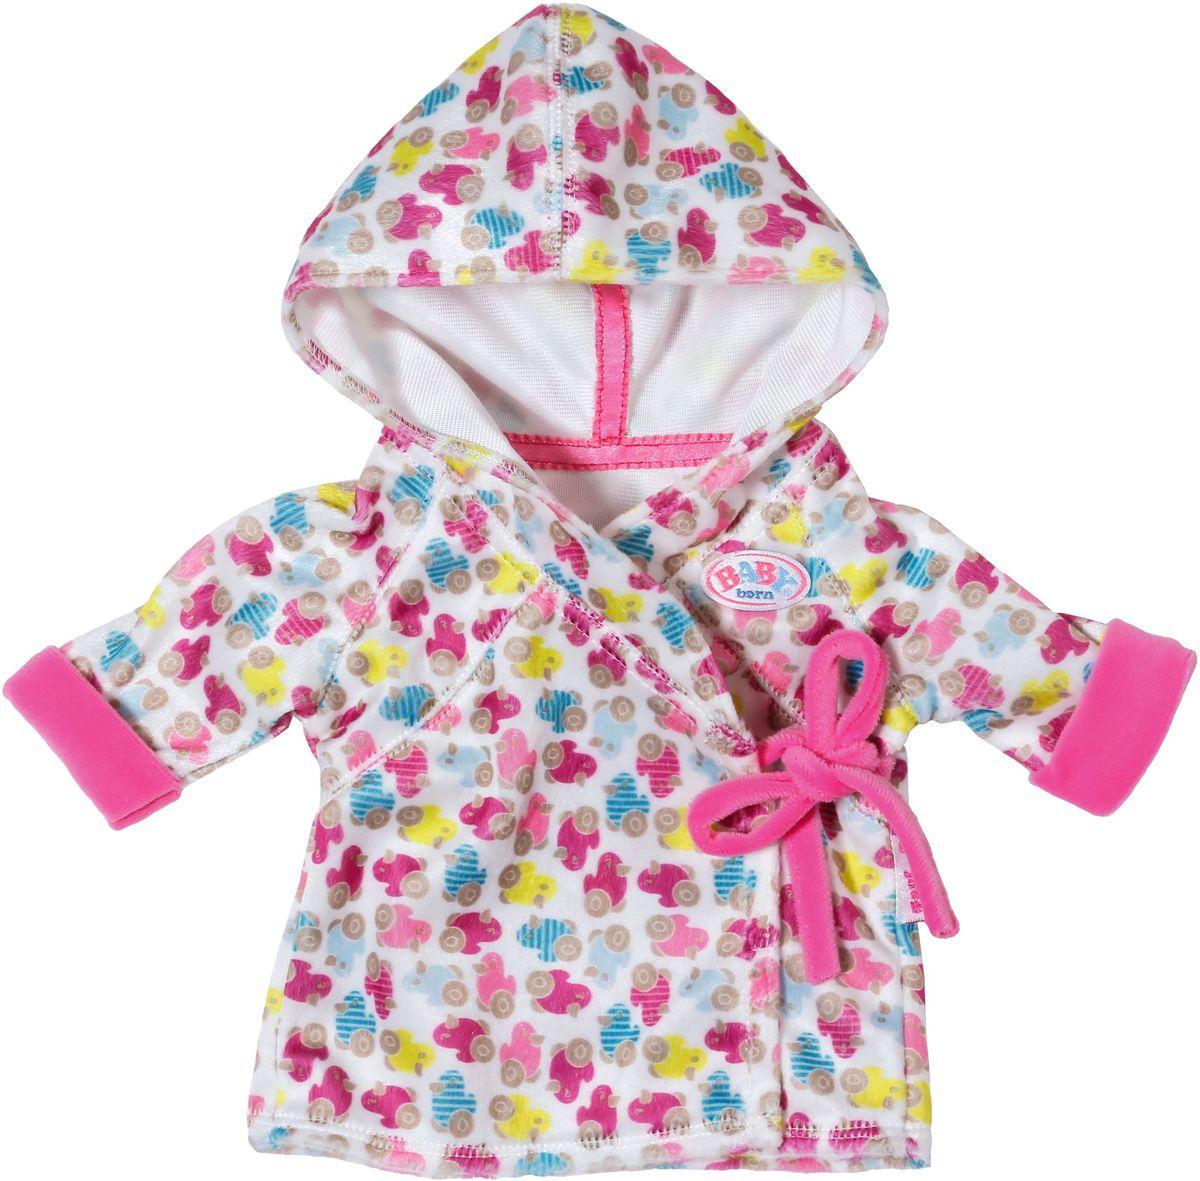 Baby Born Халат с капюшоном для кукол822-463Теплый халатик с капюшоном фирменной расцветки Baby Born. Пусть куколка чувствует себя тепло и уютно после купания.